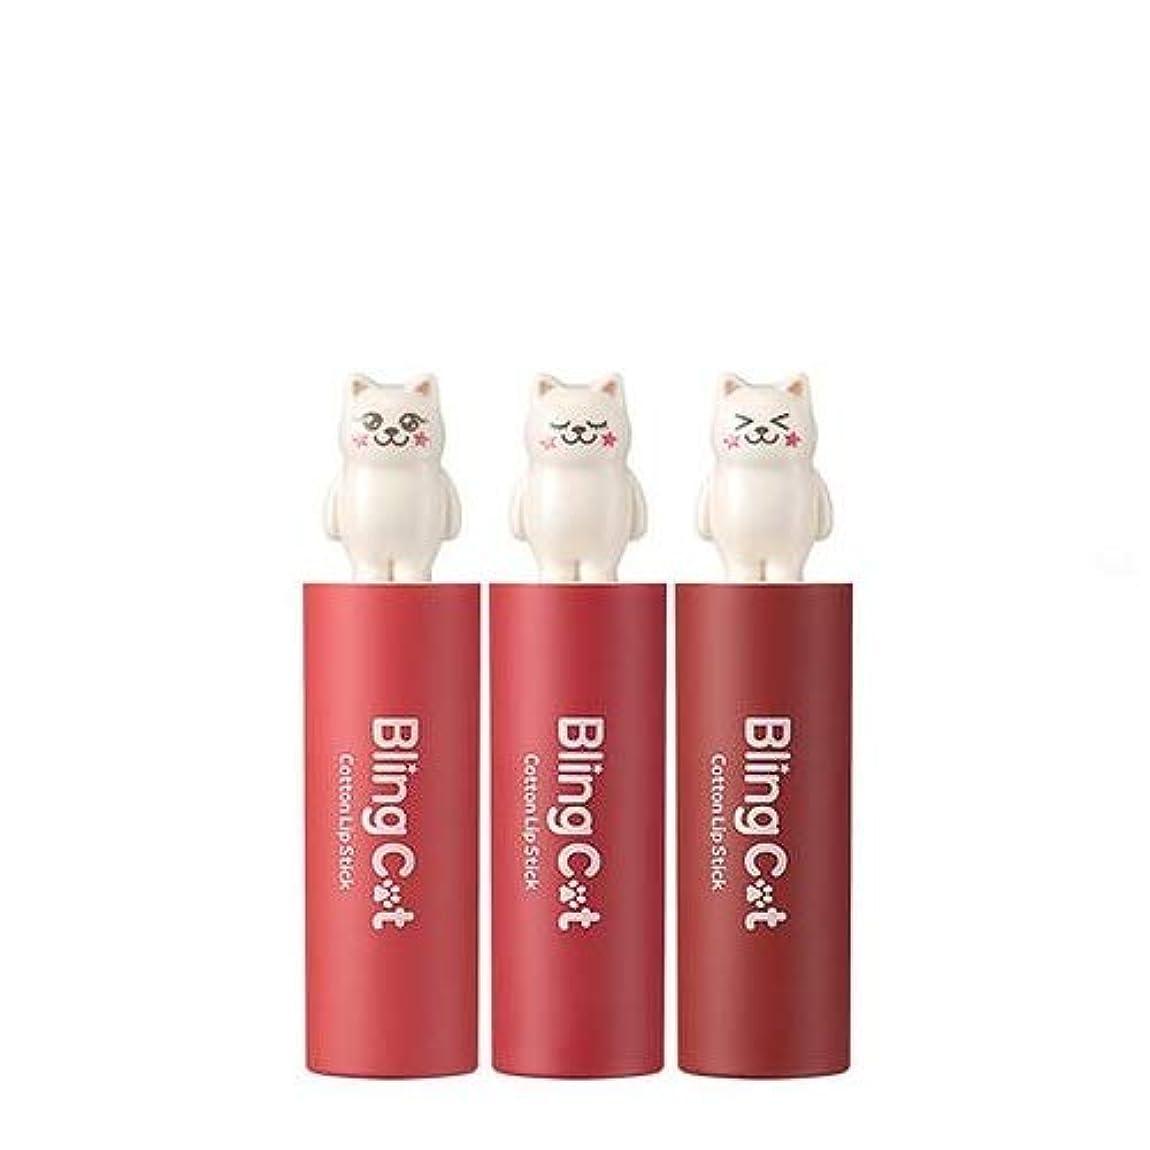 捨てる覚えているトレイルトニーモリー ブリングキャット コットン リップスティック 3.4g / TONYMOLY Bling Cat Cotton Lipstick # 06. Chic Brick [並行輸入品]